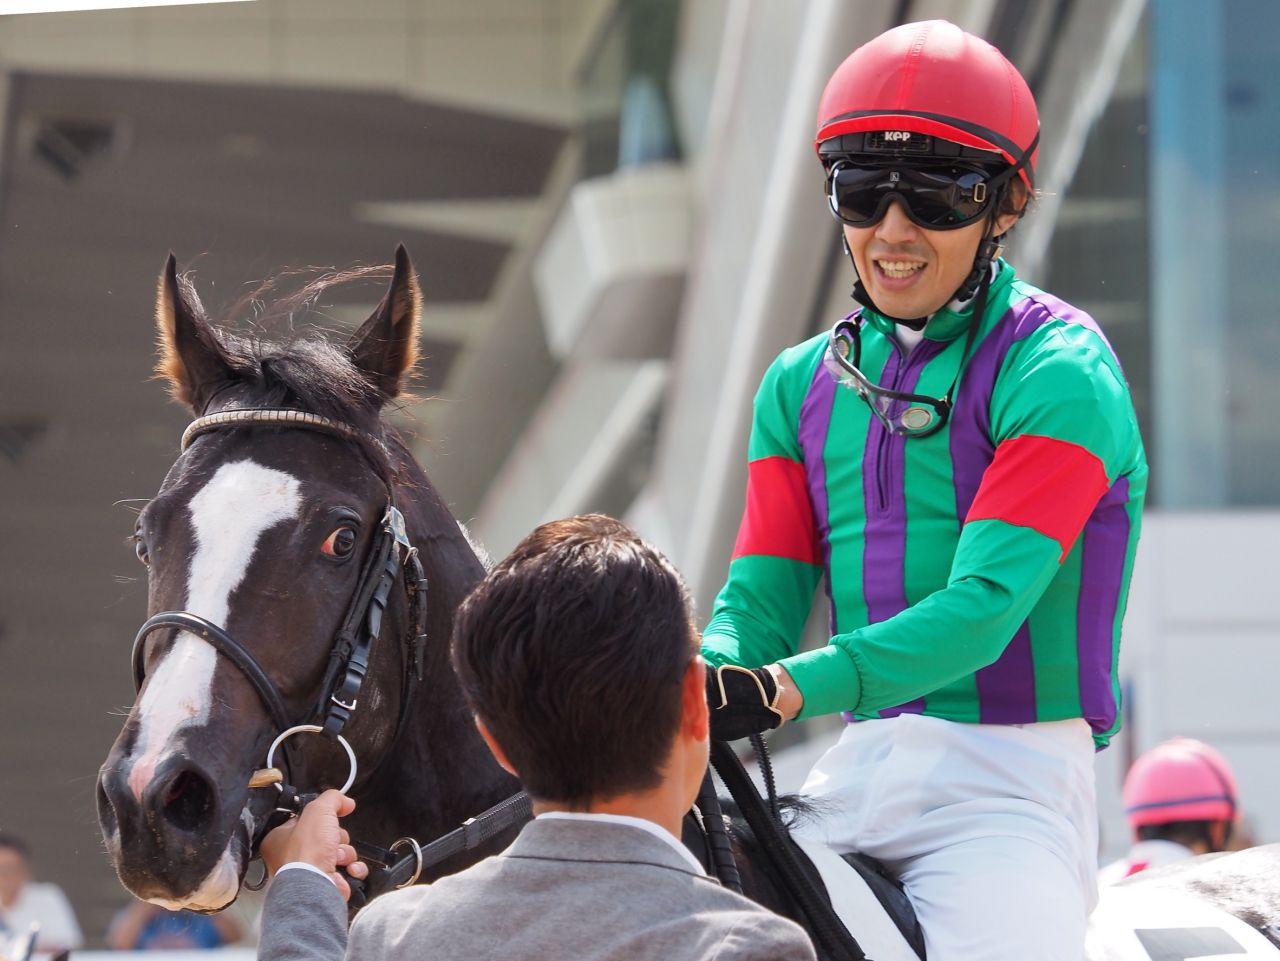 【中山新馬戦】田辺「1200だと忙しい」ケンデュークがデビュー勝ち